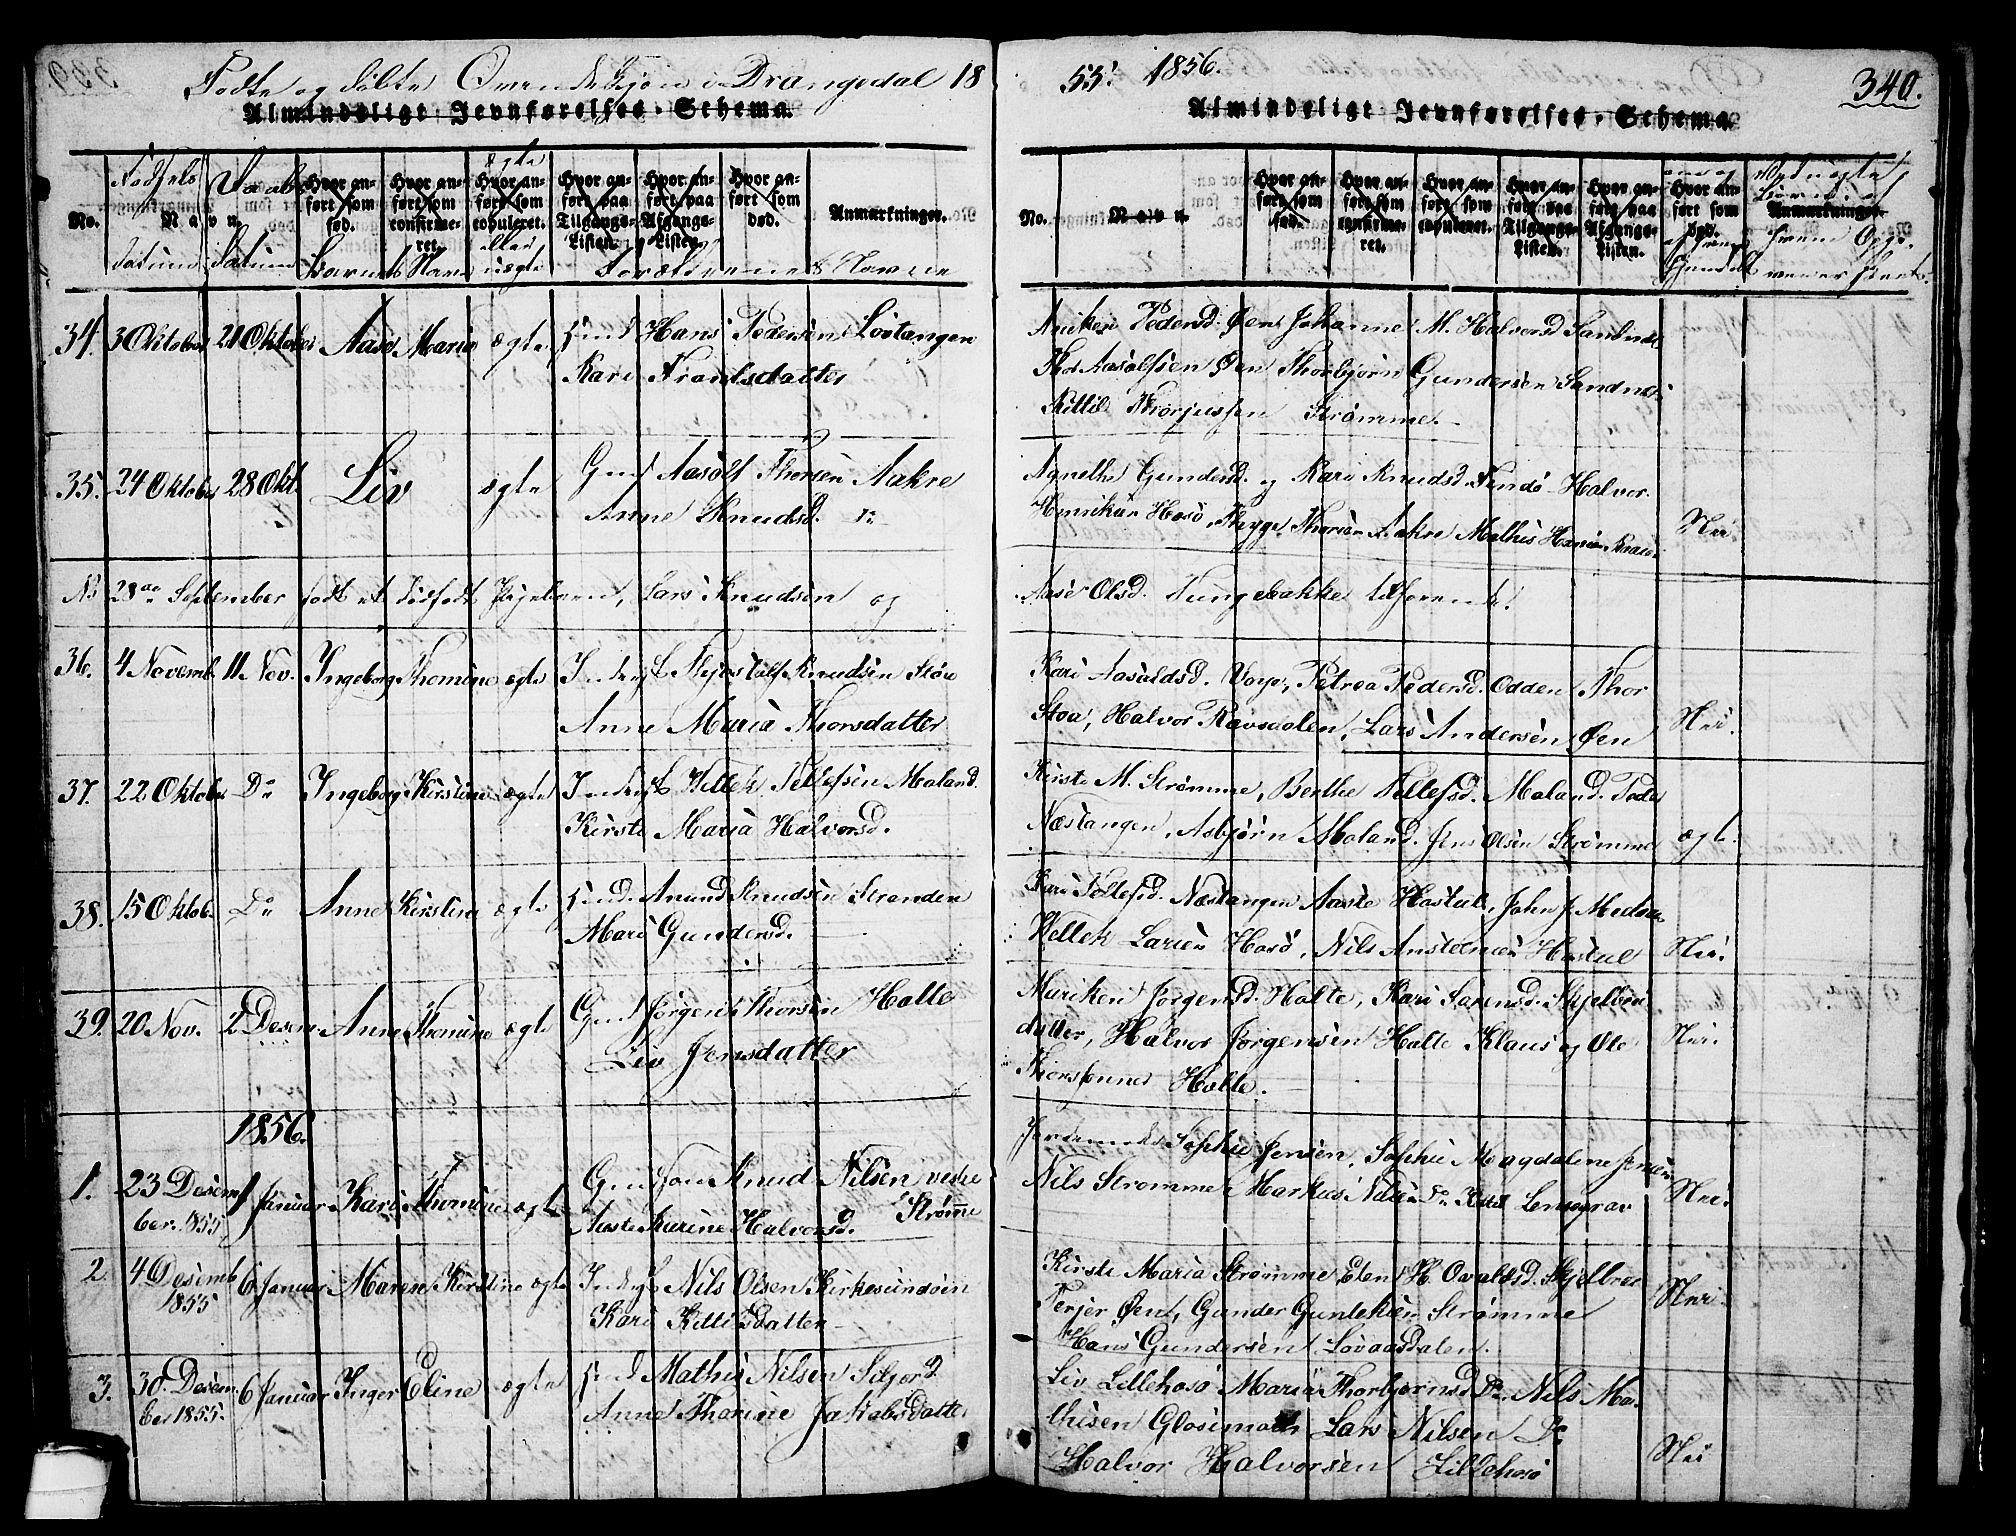 SAKO, Drangedal kirkebøker, G/Ga/L0001: Klokkerbok nr. I 1 /1, 1814-1856, s. 340